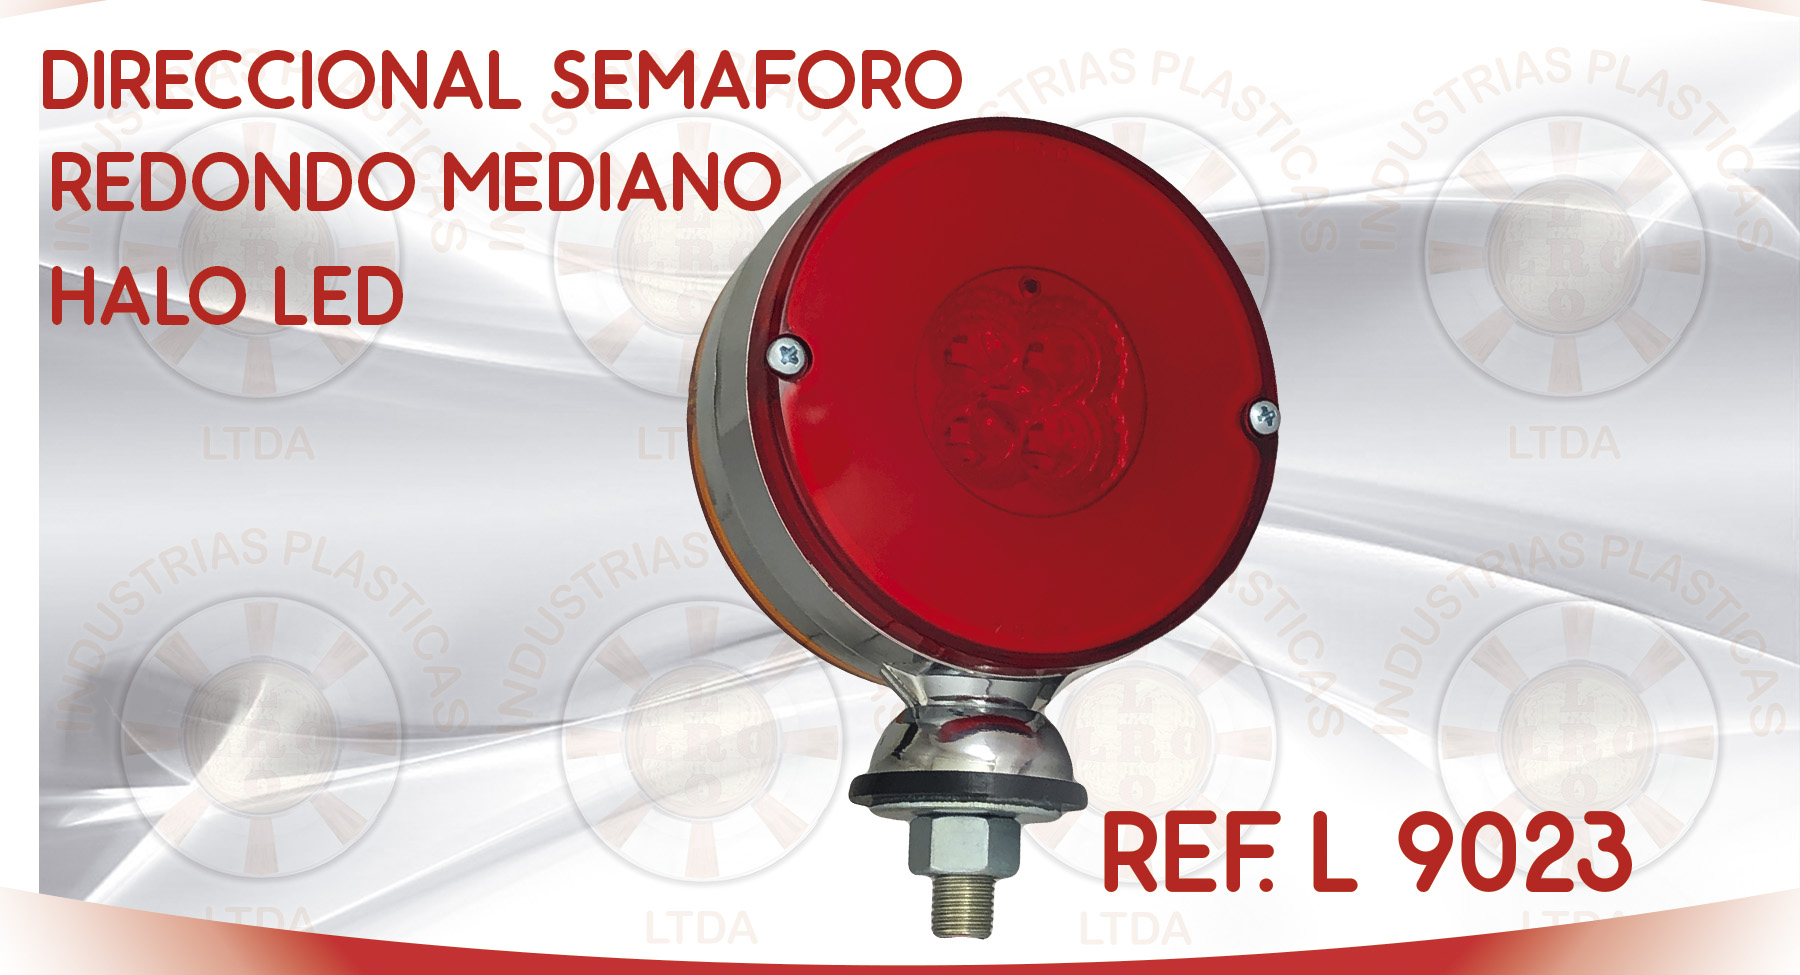 L 9023 DIRECCIONAL SEMAFORO REDONDO MEDIANO HALO LED